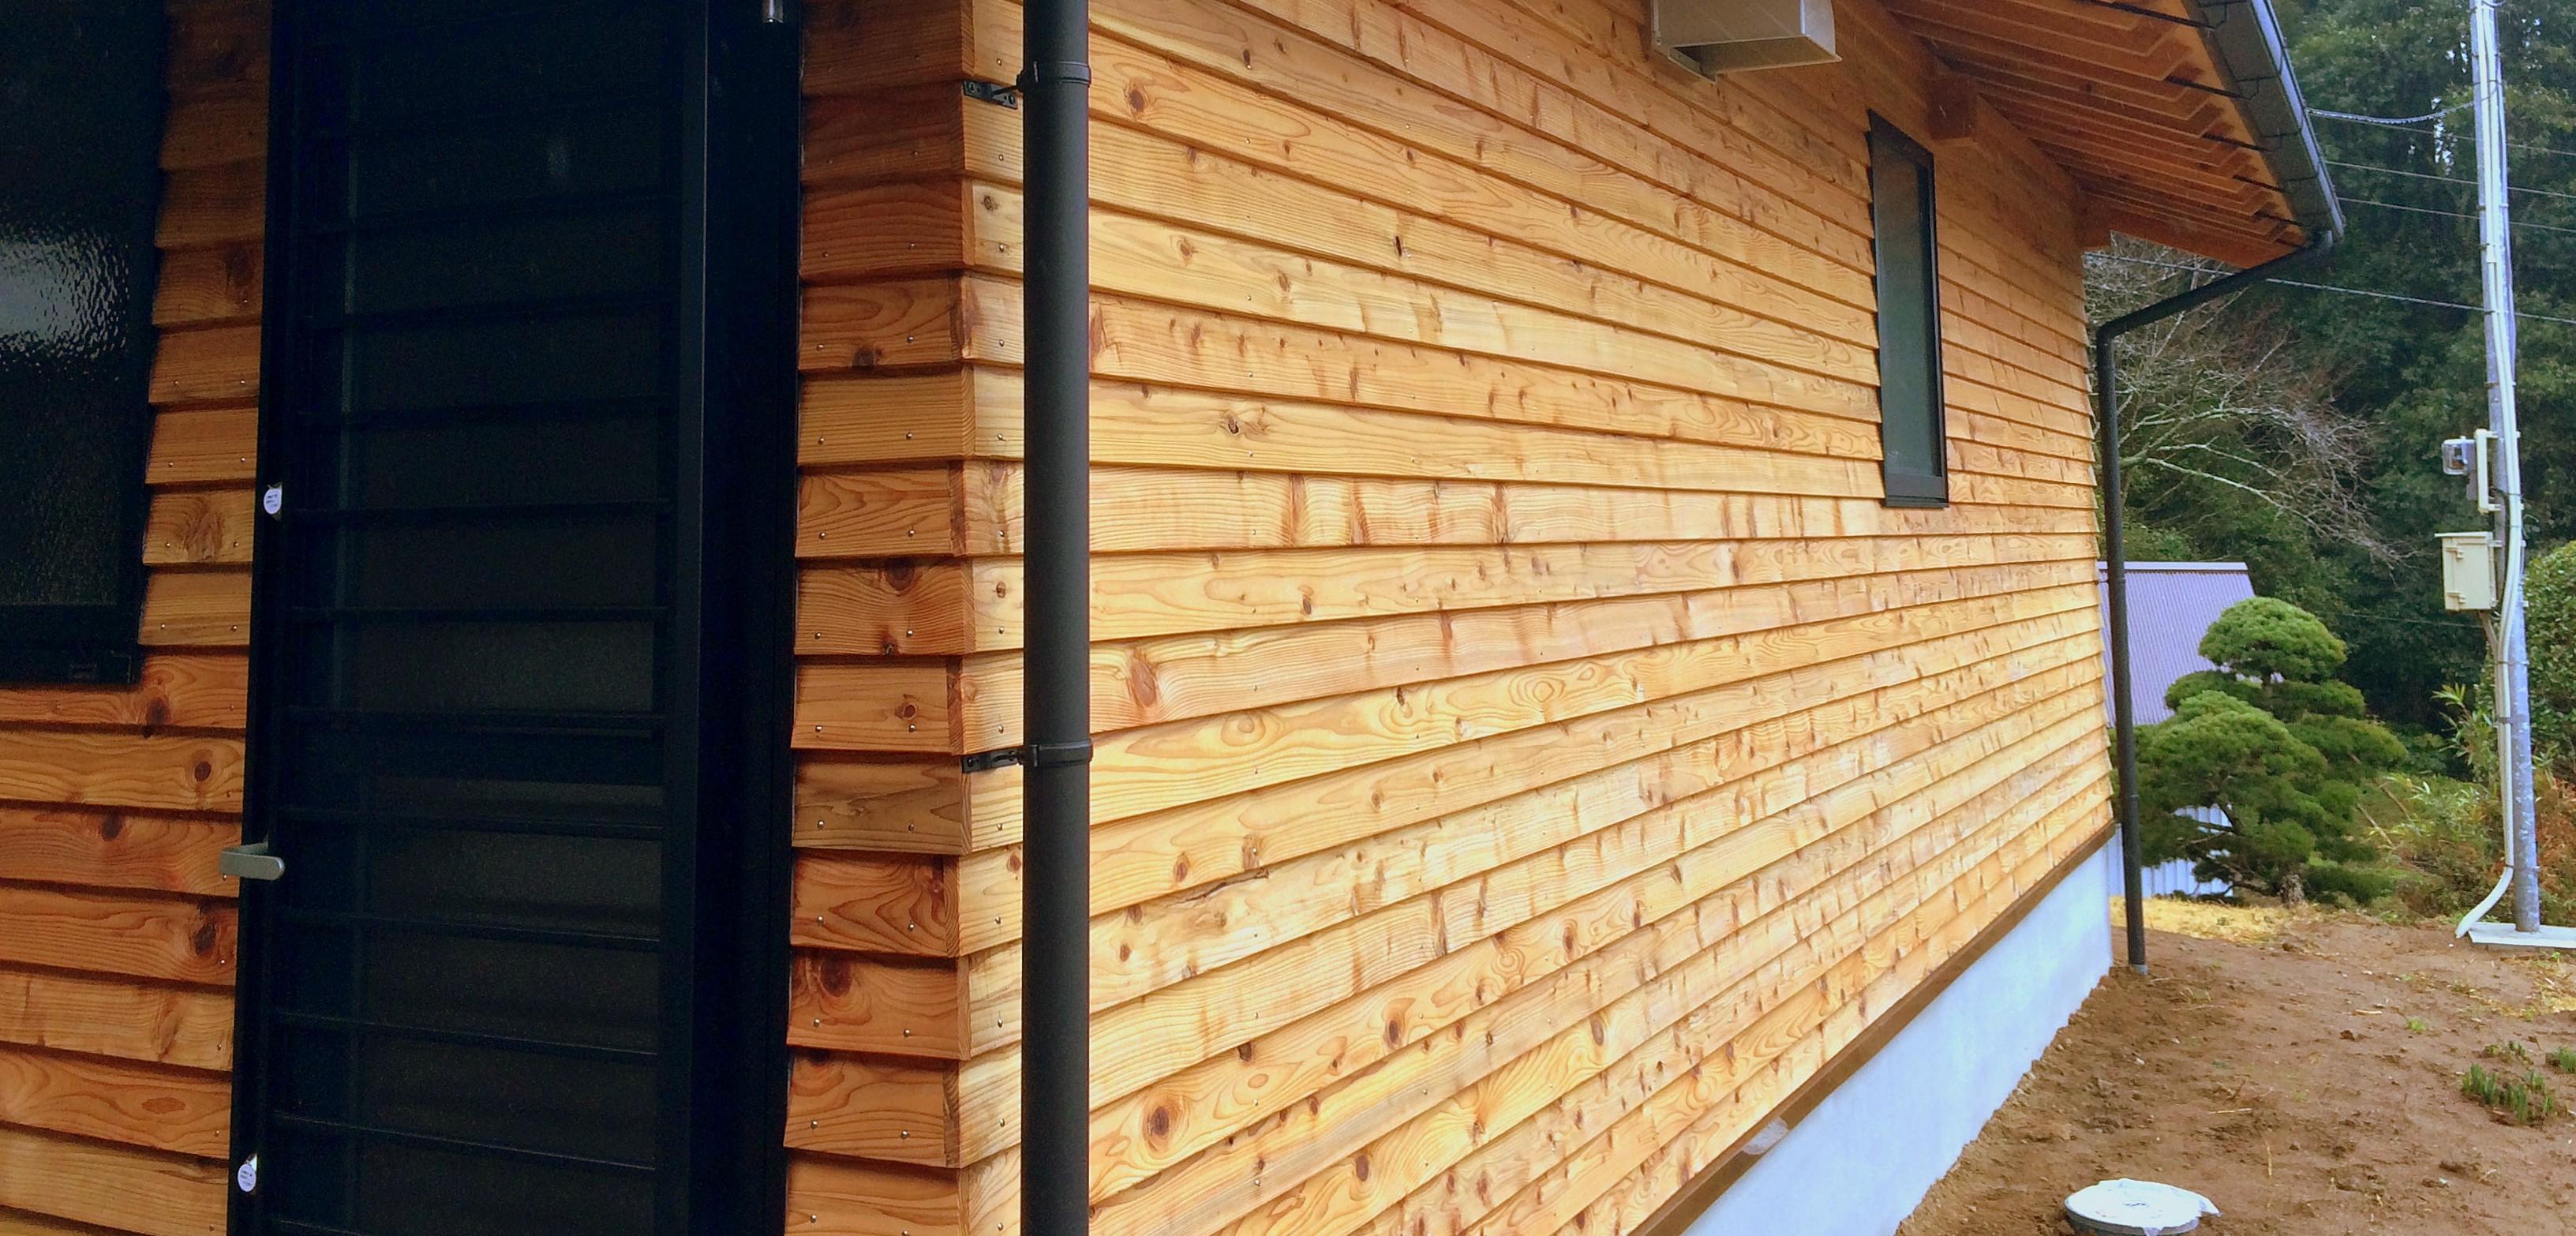 そとん壁と杉板の外壁 千葉県山武市 S邸増築